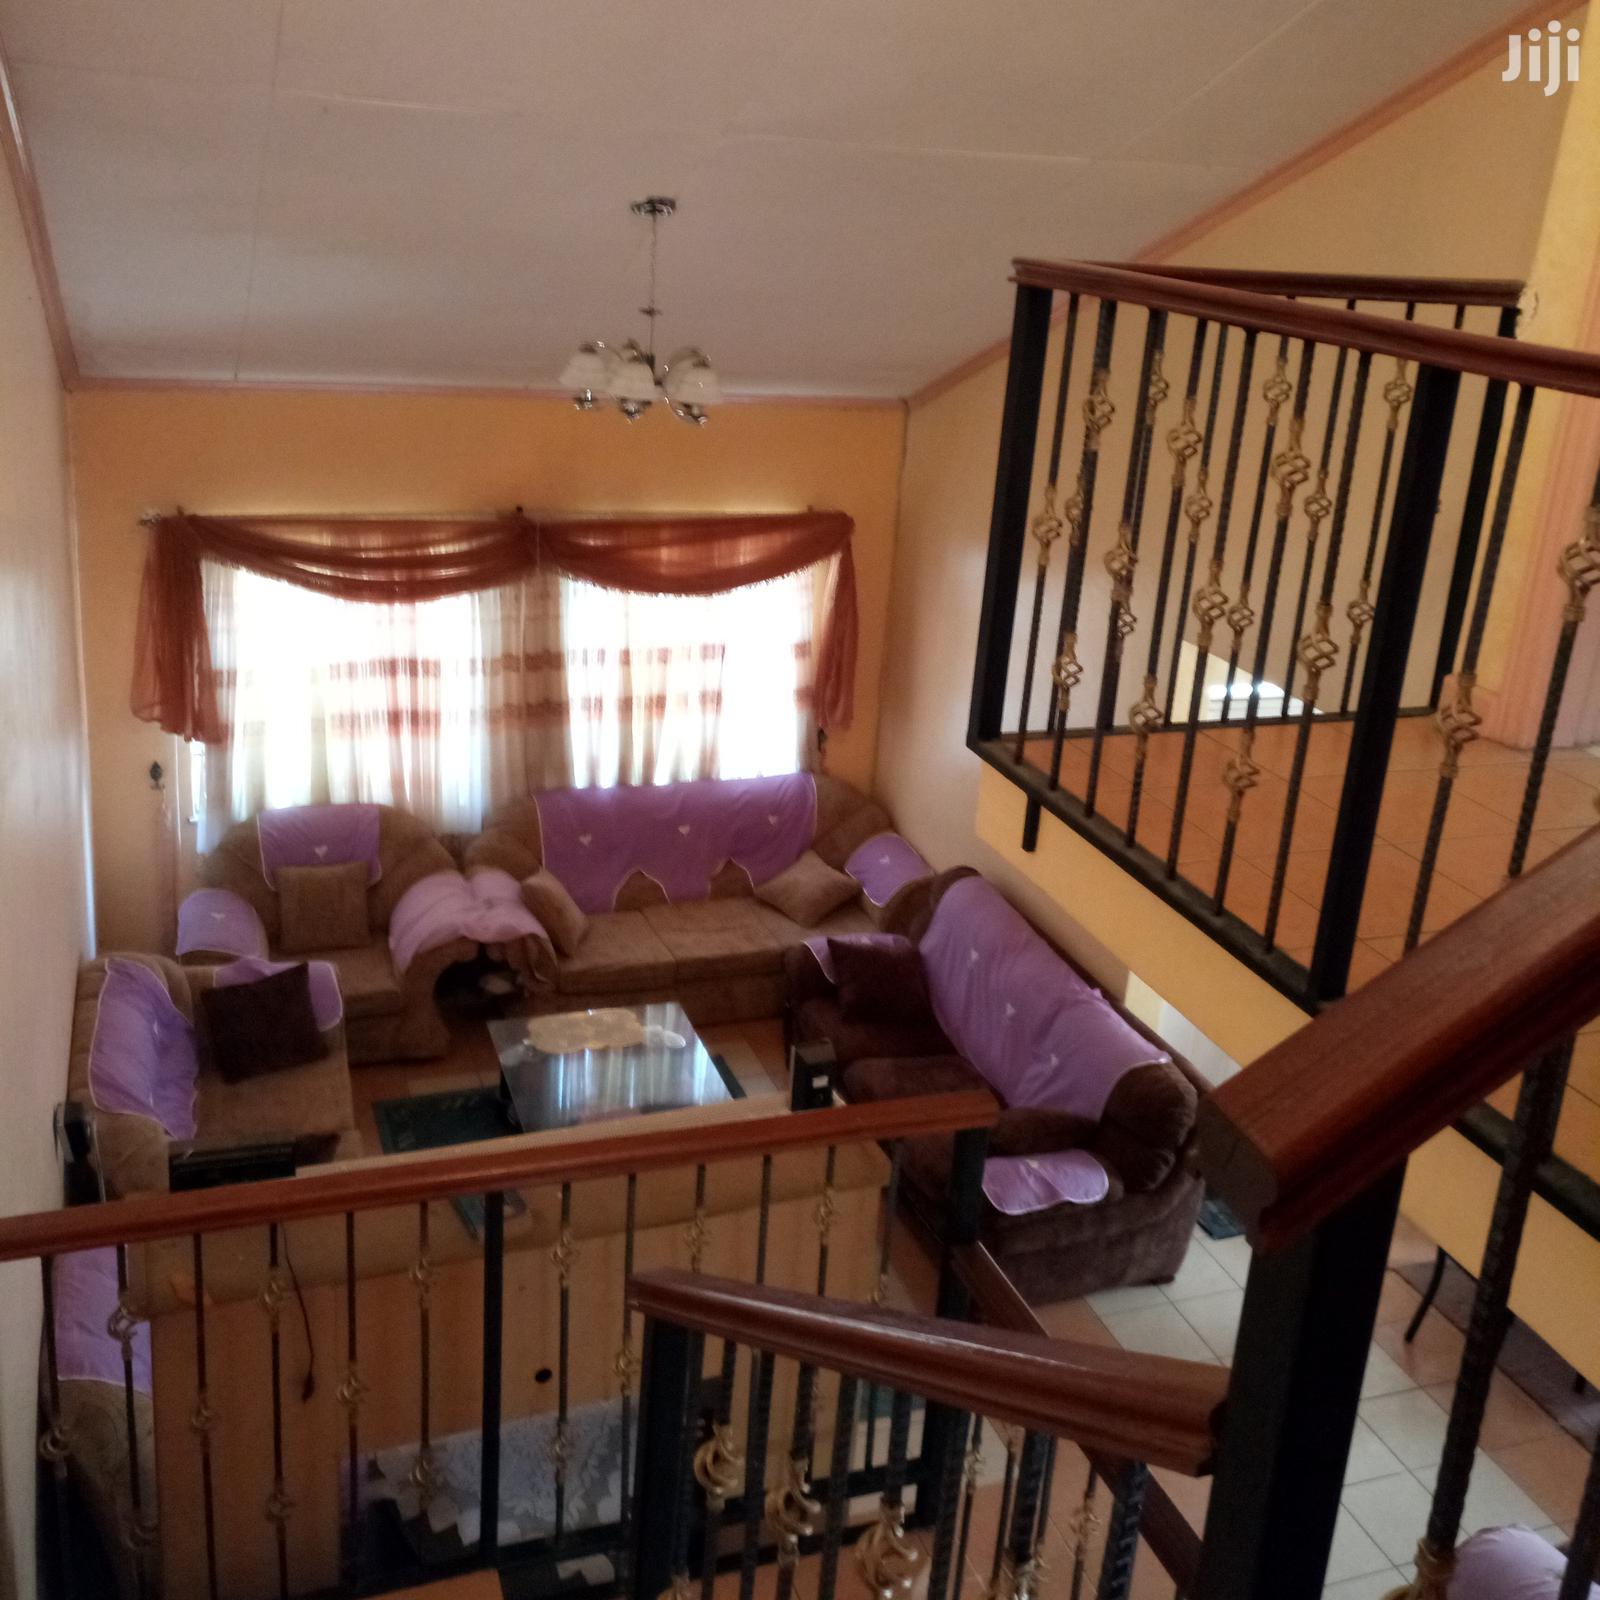 4 Bedroom Maisonette In Baraka Estate   Houses & Apartments For Sale for sale in Embakasi, Nairobi, Kenya